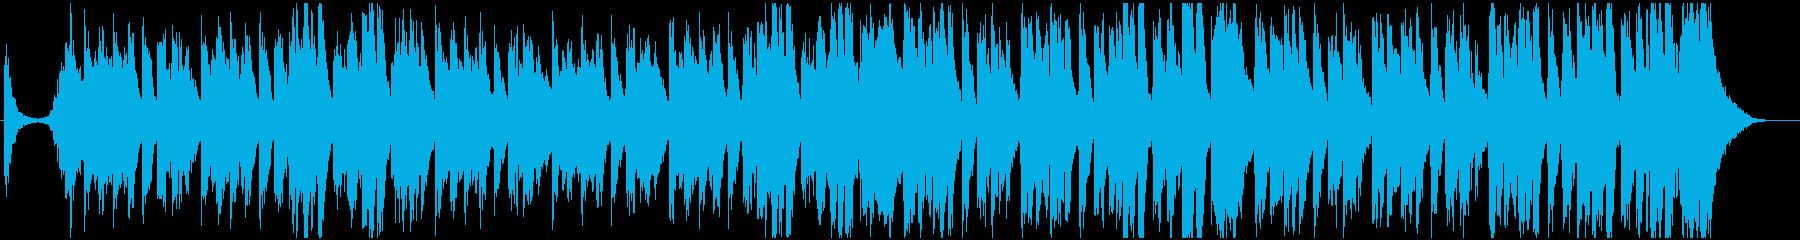 ディズニー風、明るく賑やかなマーチの再生済みの波形